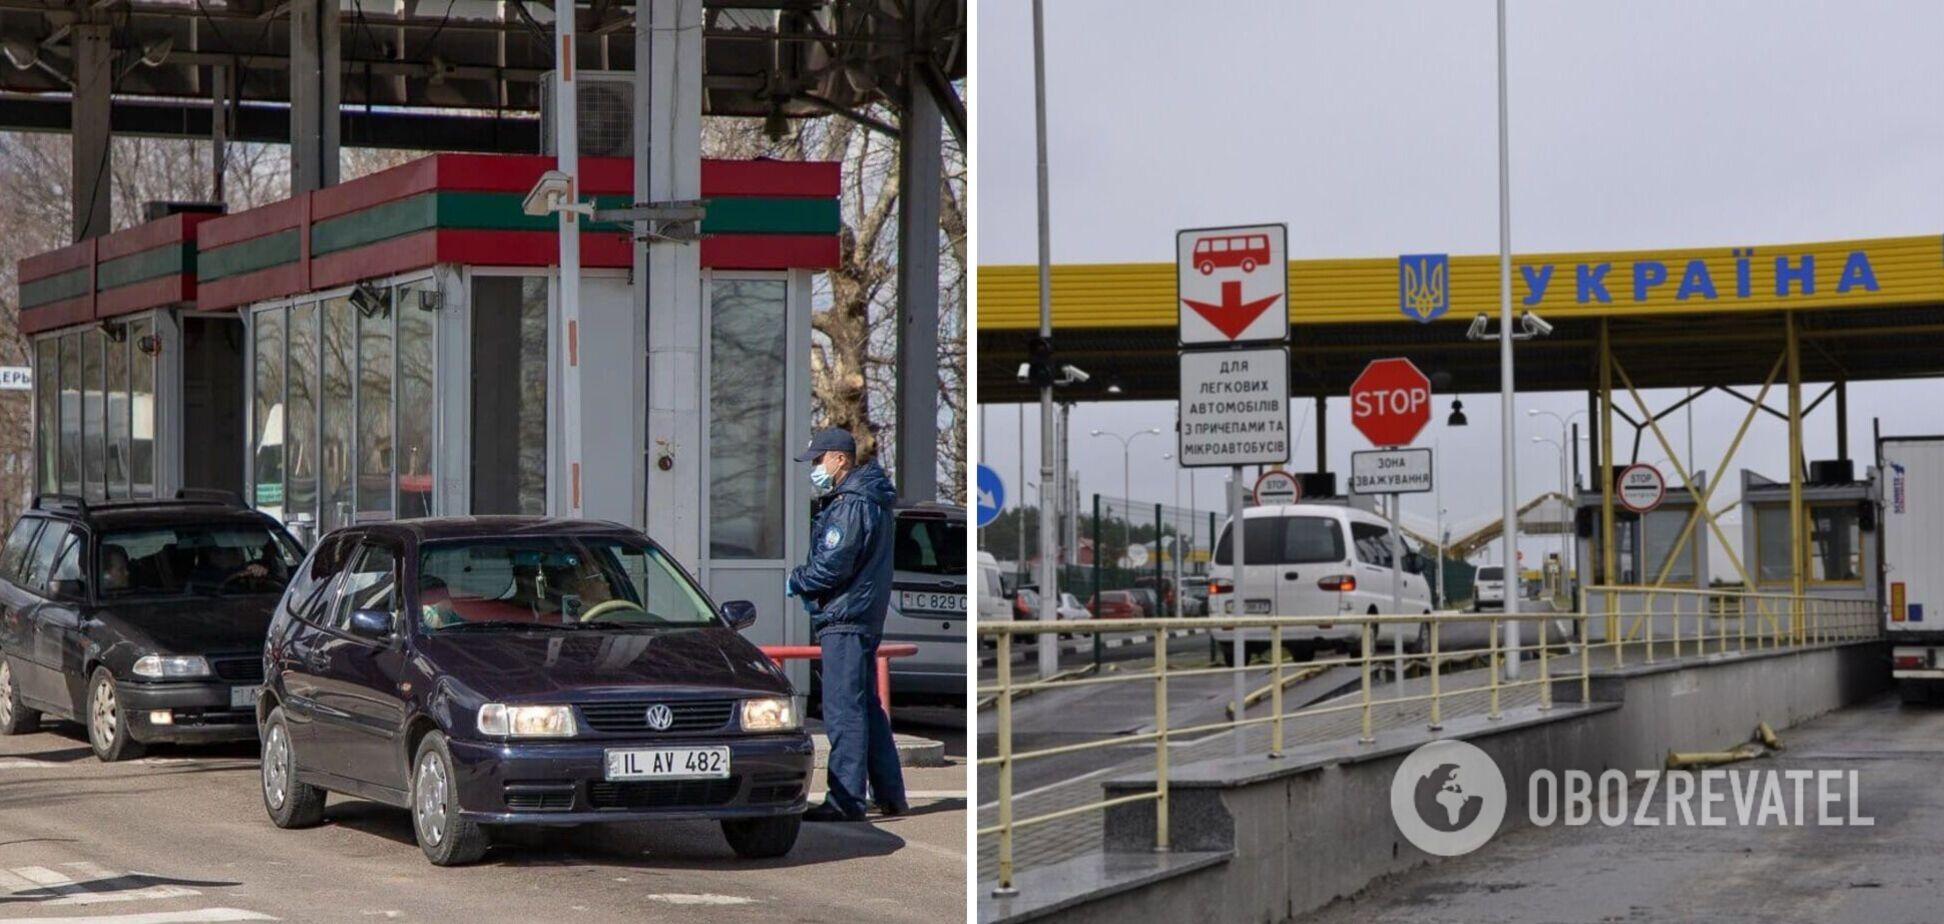 Україна заборонить в'їзд авто з Придністров'я: на митниці дали роз'яснення